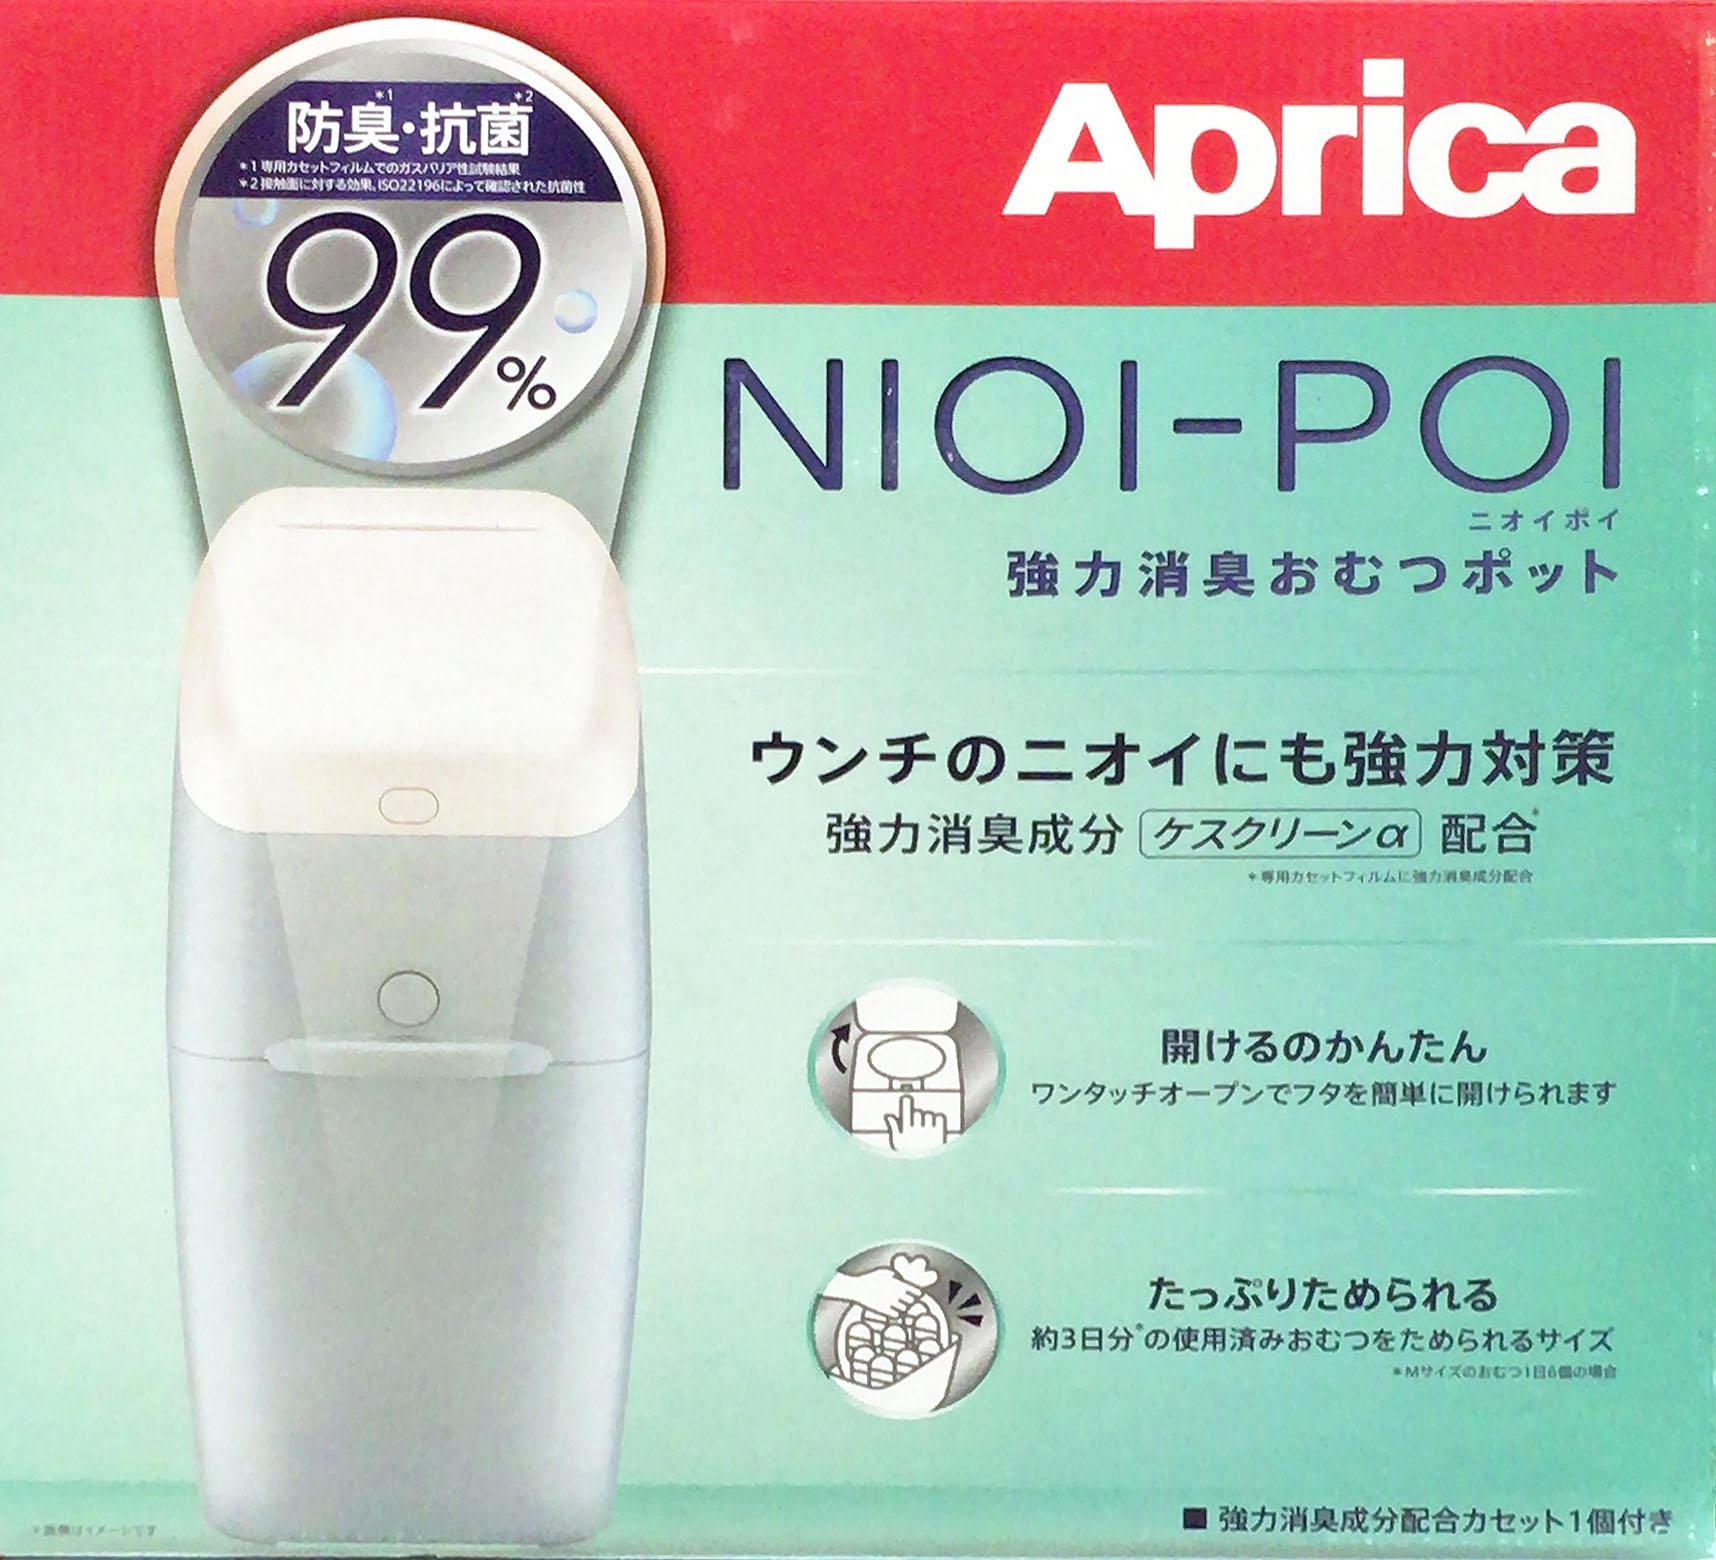 [1]が投稿したAprica NIOI-POI アップリカ ニオイポイ 本体+カセット1個の写真